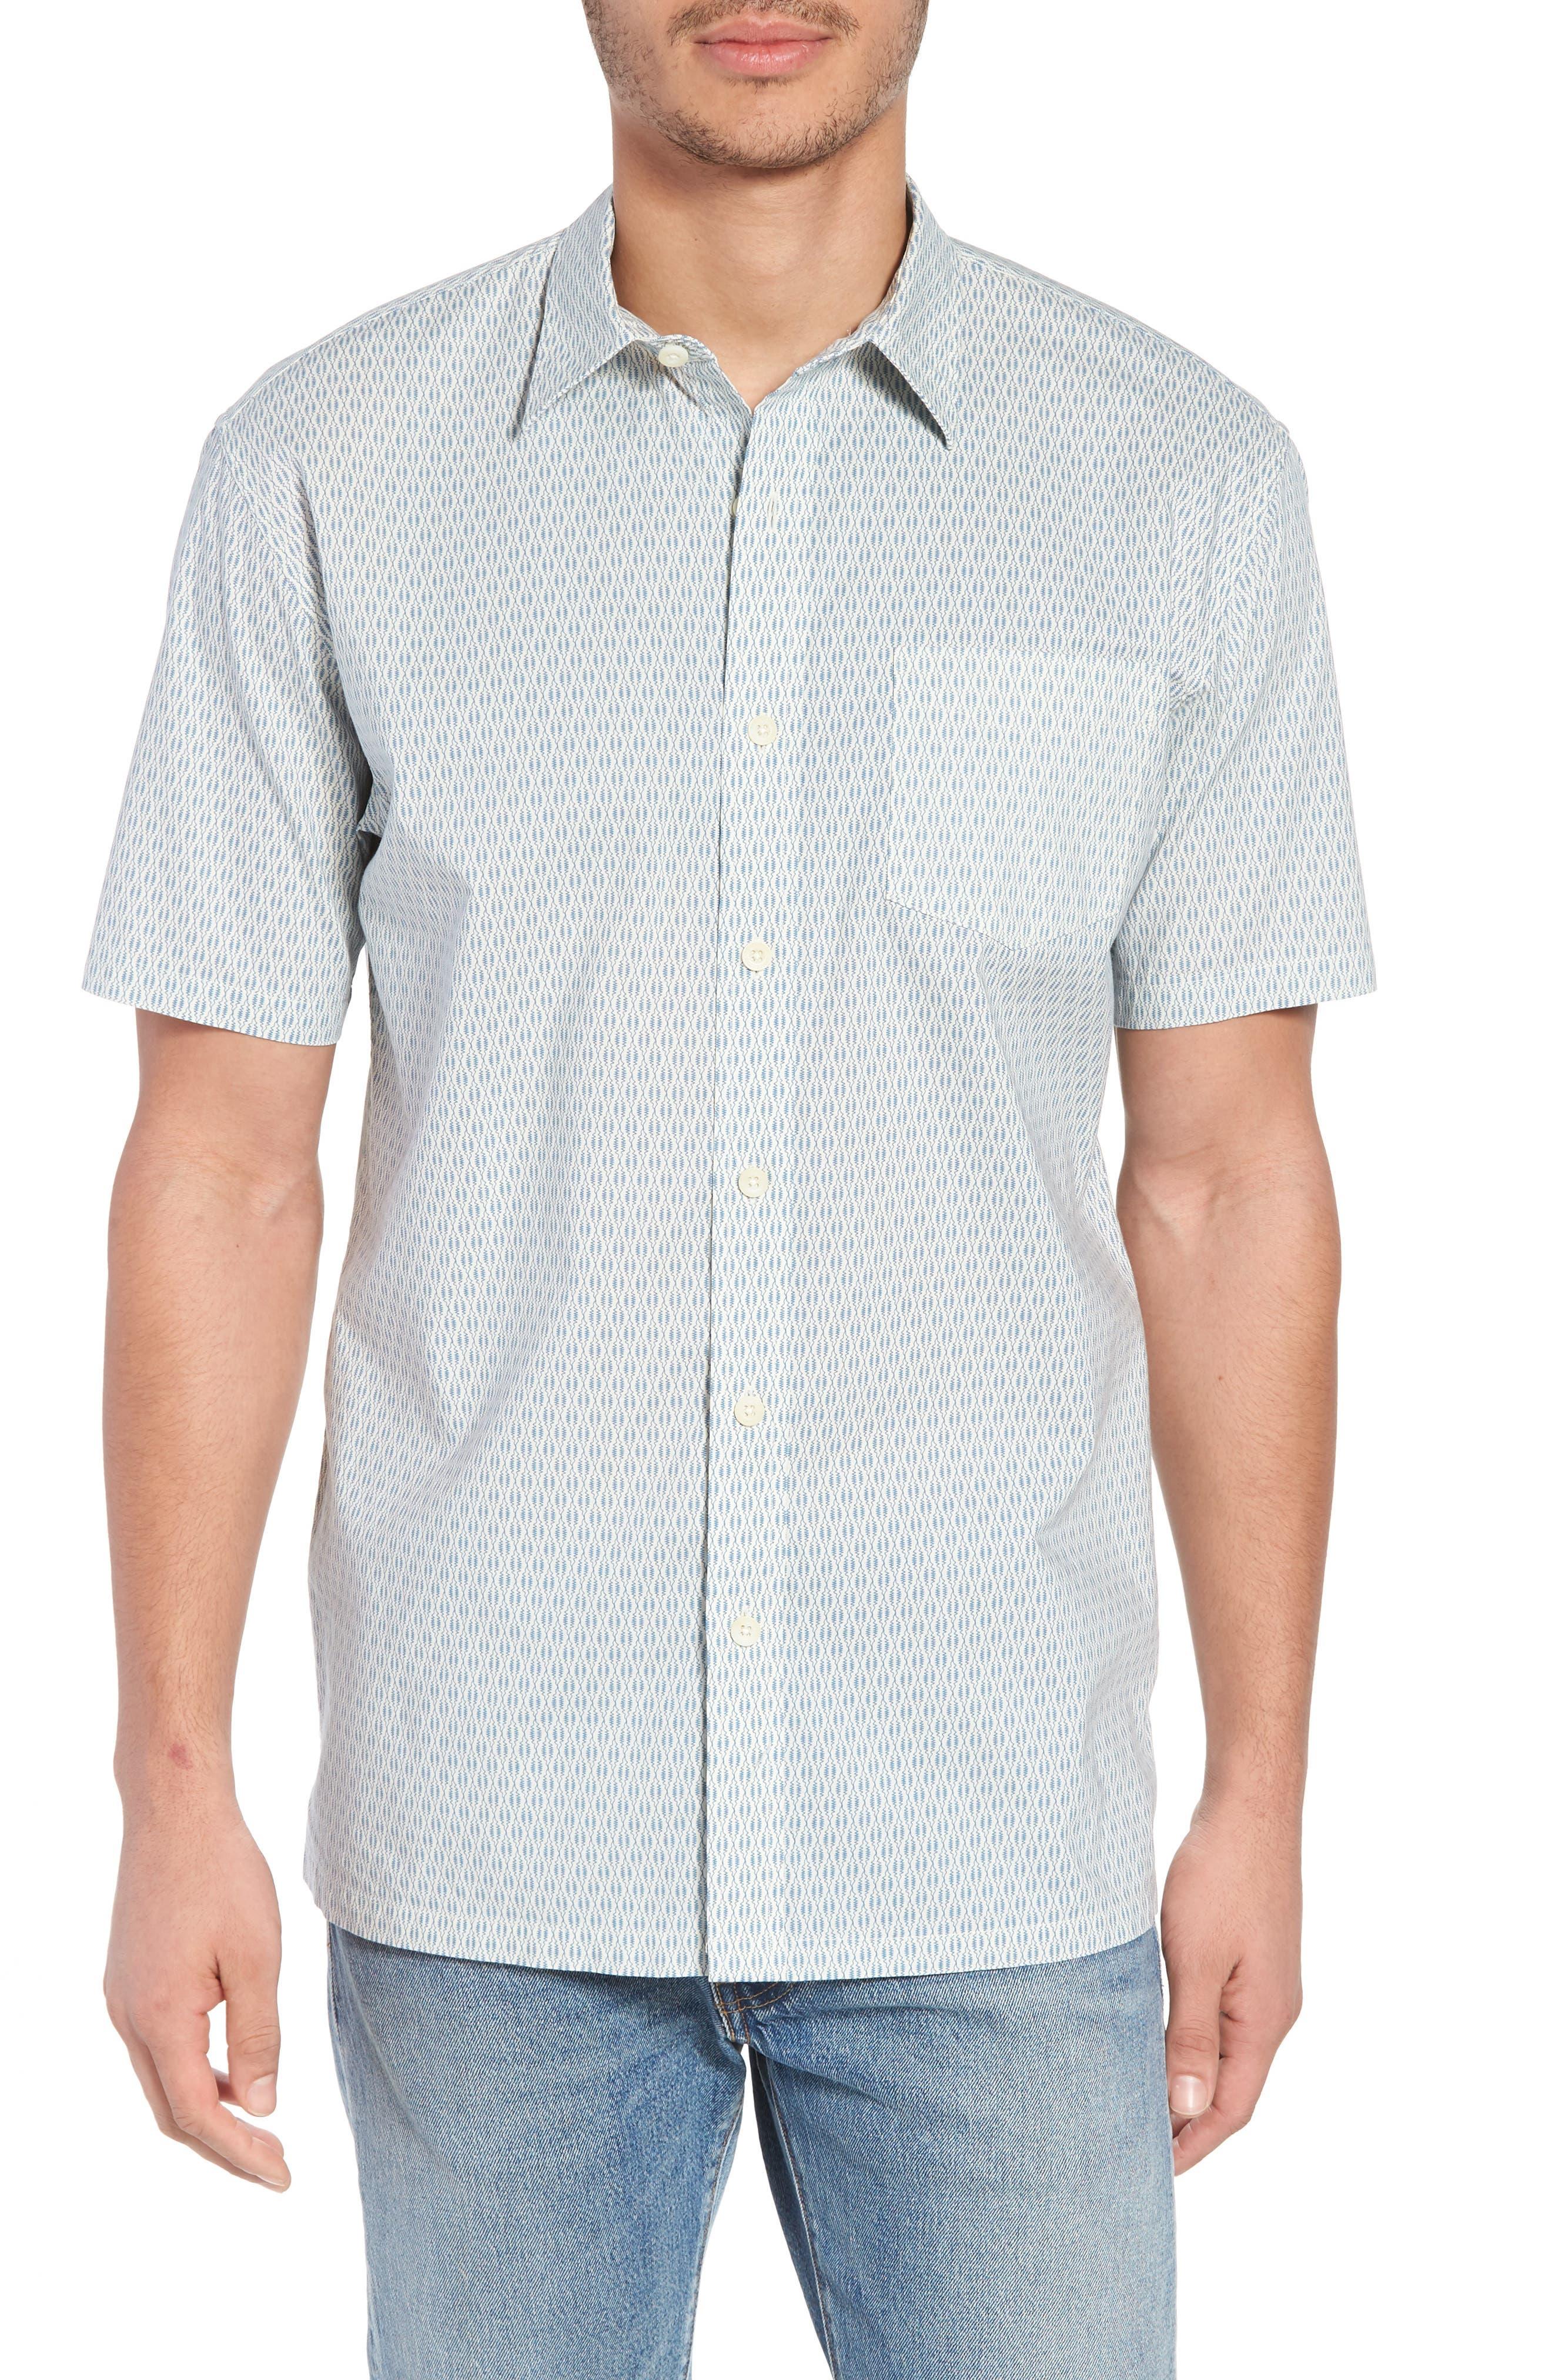 Regular Fit Print Short Sleeve Sport Shirt,                         Main,                         color, VINTAGE NAVY SQUIGGLE